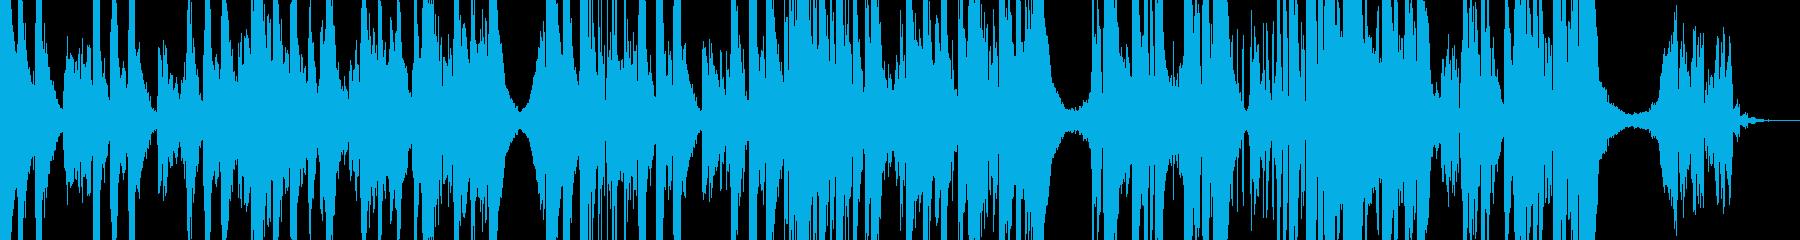 異空間に迷い込んだようなエレクトロニカの再生済みの波形